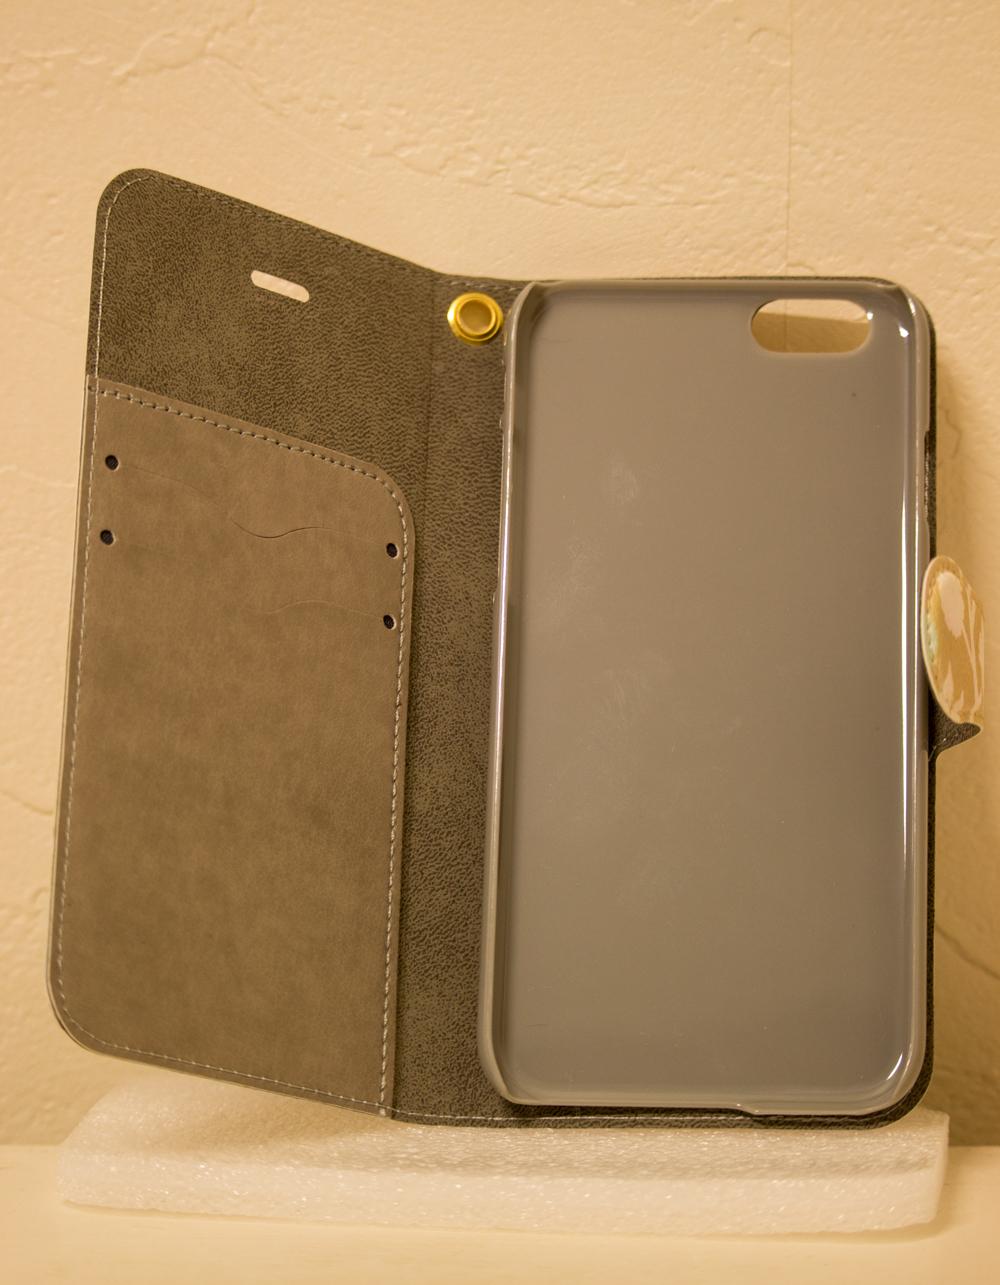 再販分はケース(右側グレーのケース部分)の色がクリアになります。